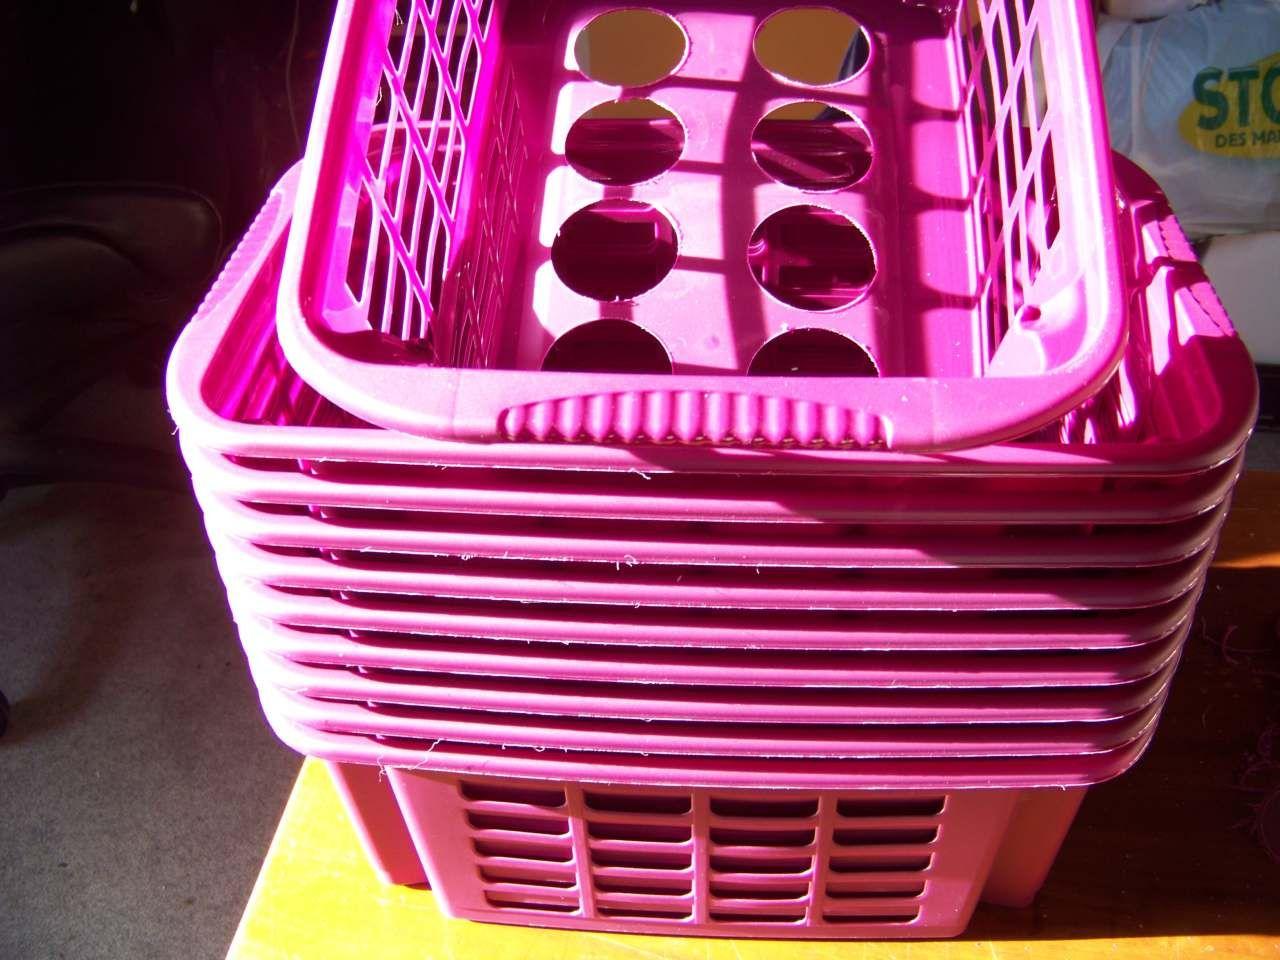 Organisation Et Rangement D Un Congelateur Coffre Banc Congelateur Coffre Rangement Organiser Congelateur